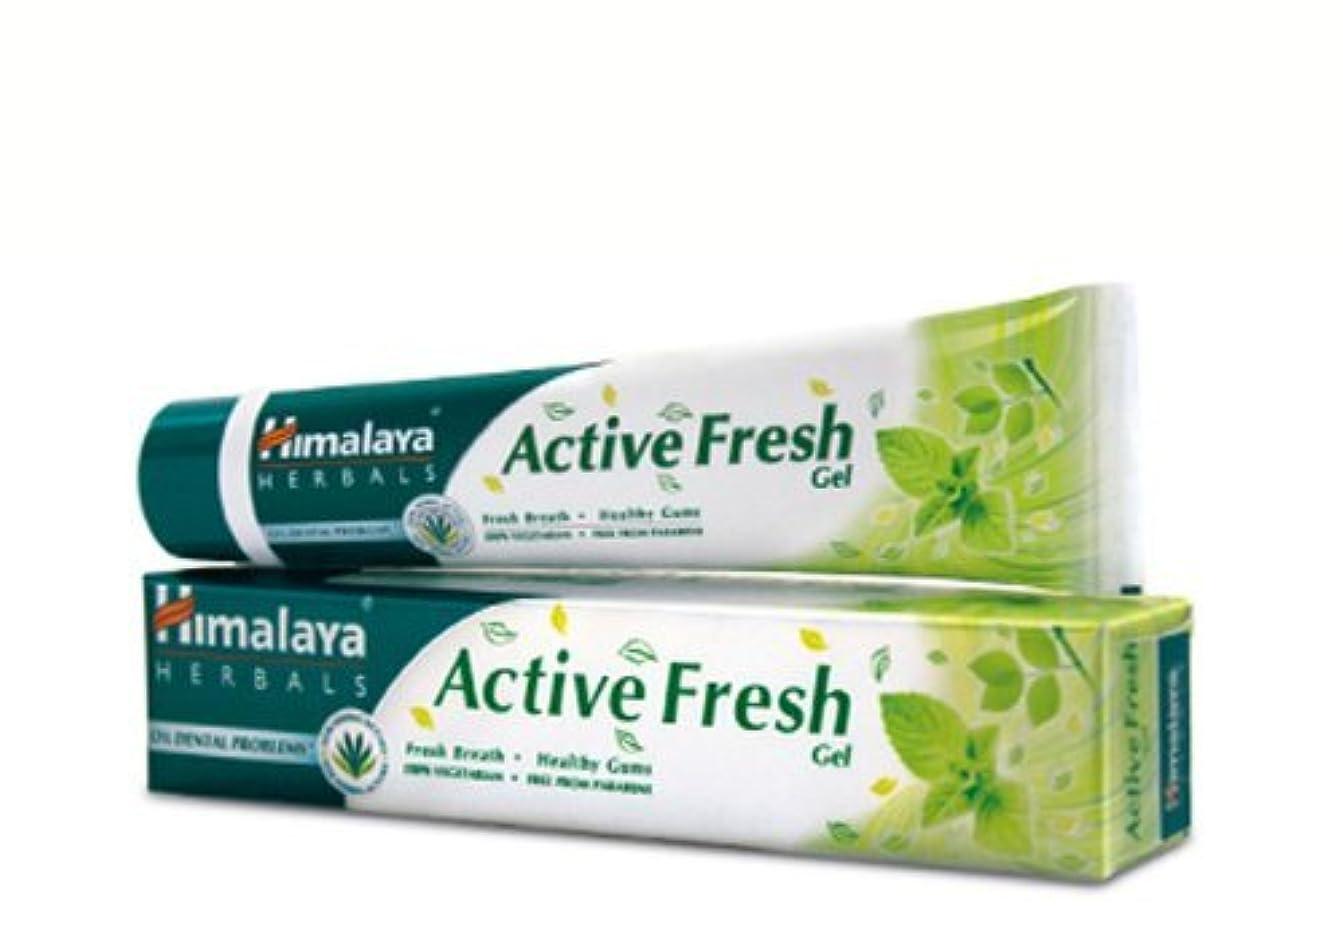 適切に使い込むアロングヒマラヤ トゥースペイスト アクティブ フレッシュ(歯磨き粉)80g Himalaya Active Fresh Toothpaste